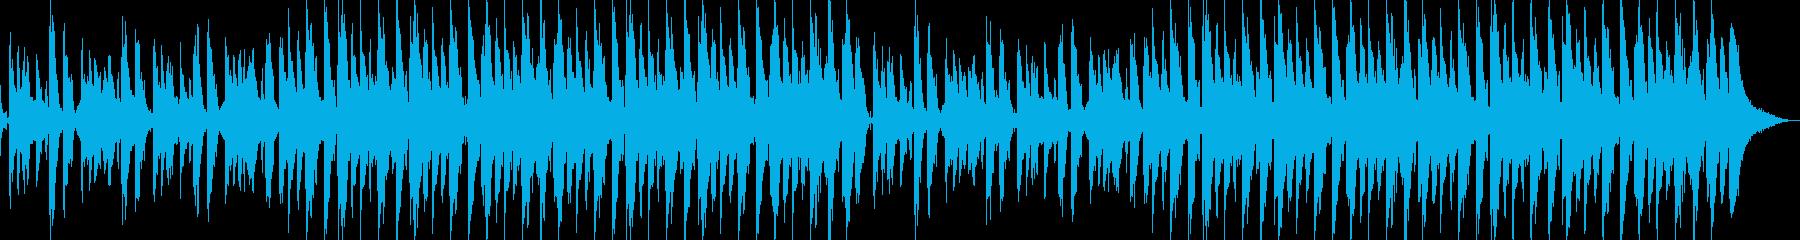 【ジングル】ディープハウスな雰囲気の再生済みの波形